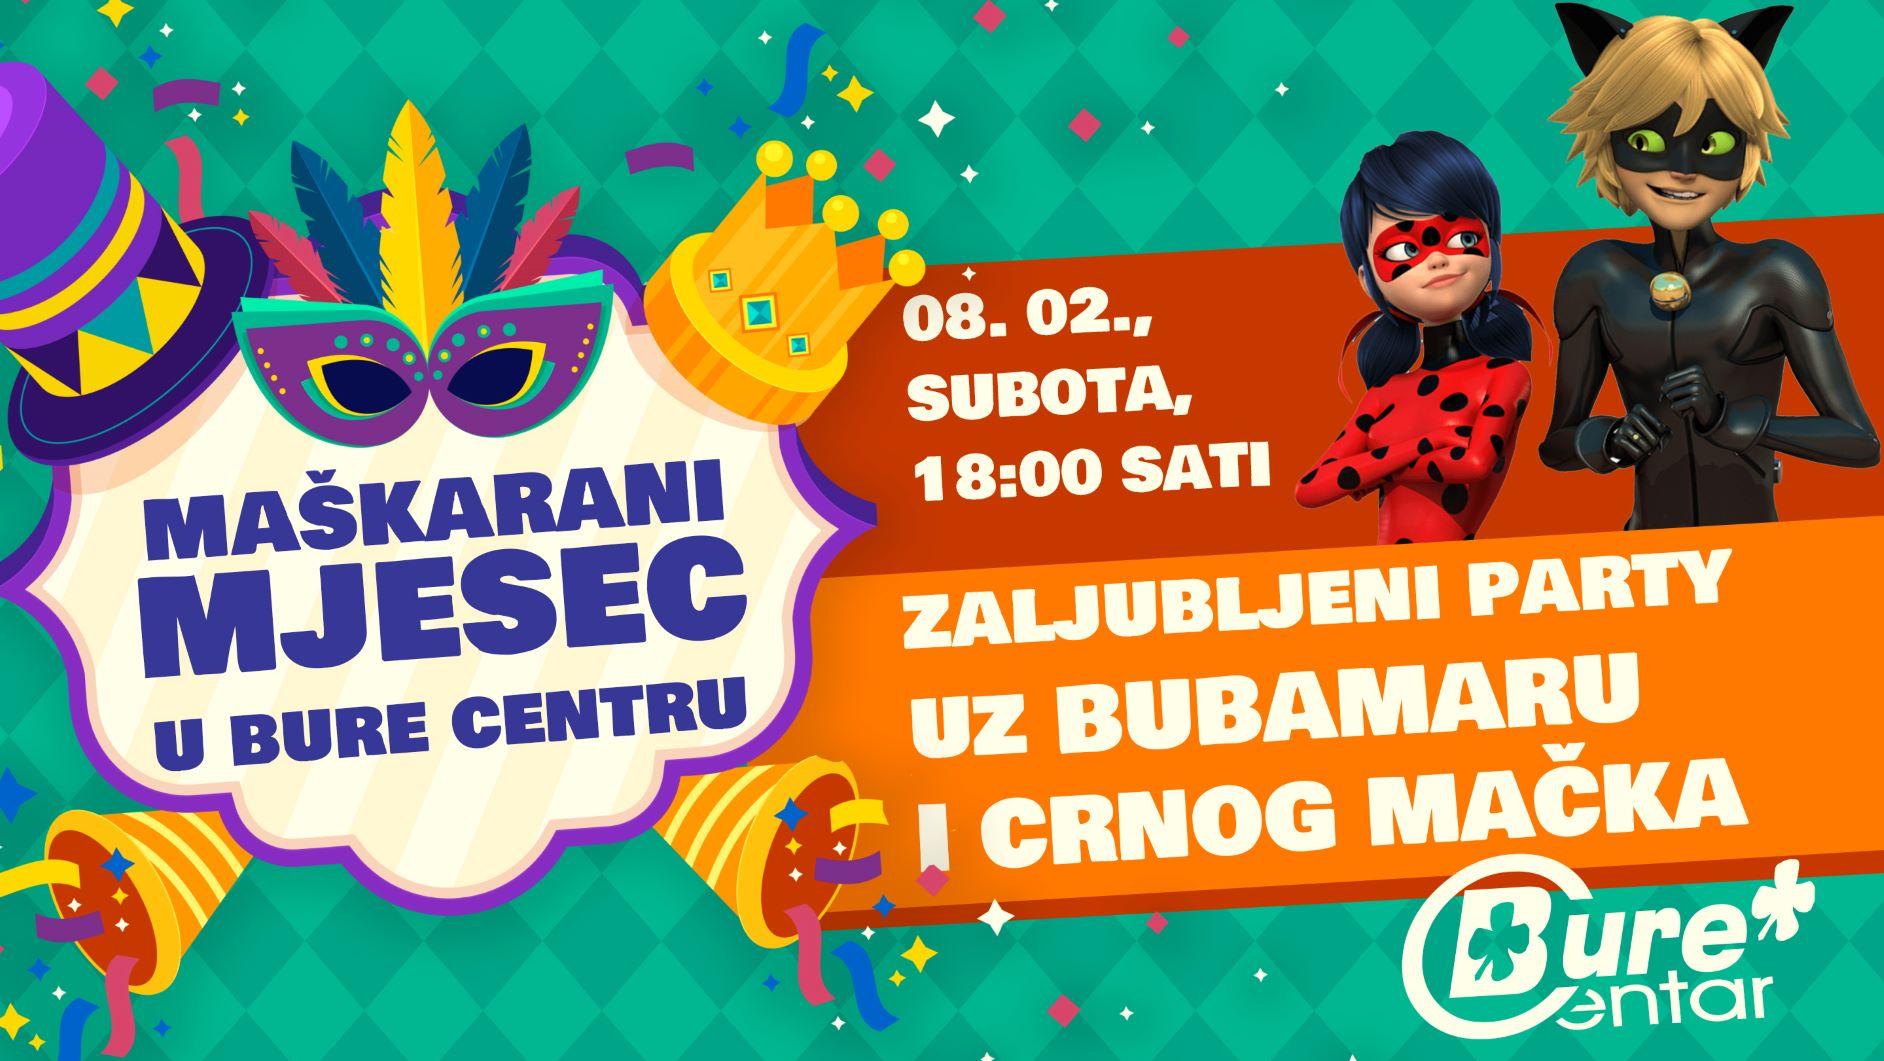 Zaljubljeni party uz Bubamaru i Crnog Mačka